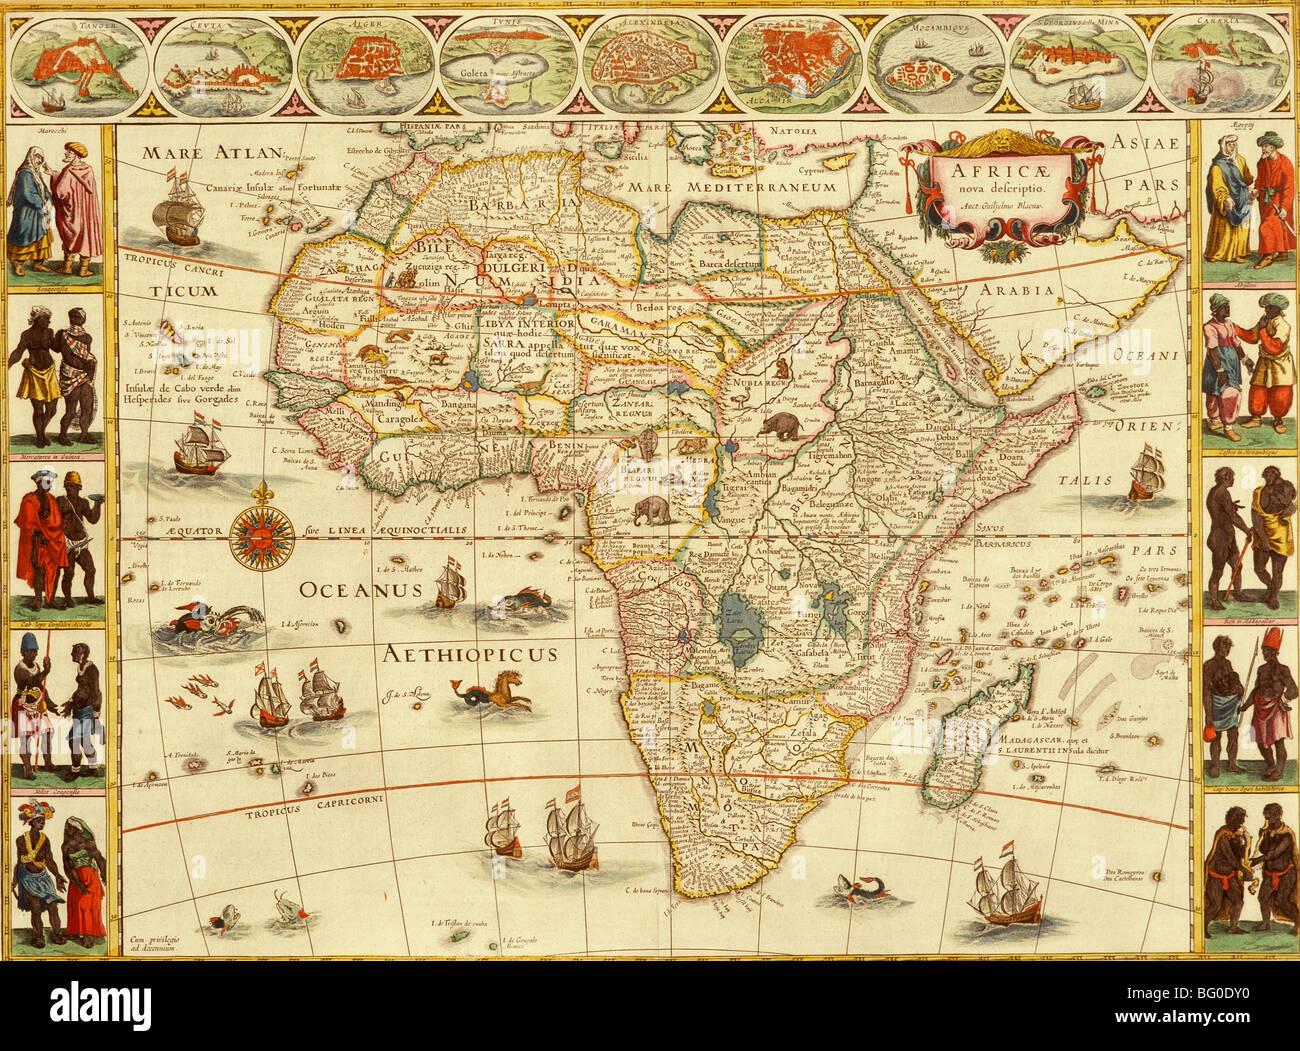 Carte De Lafrique Antique.Ancienne Carte De L Afrique Banque D Images Photo Stock